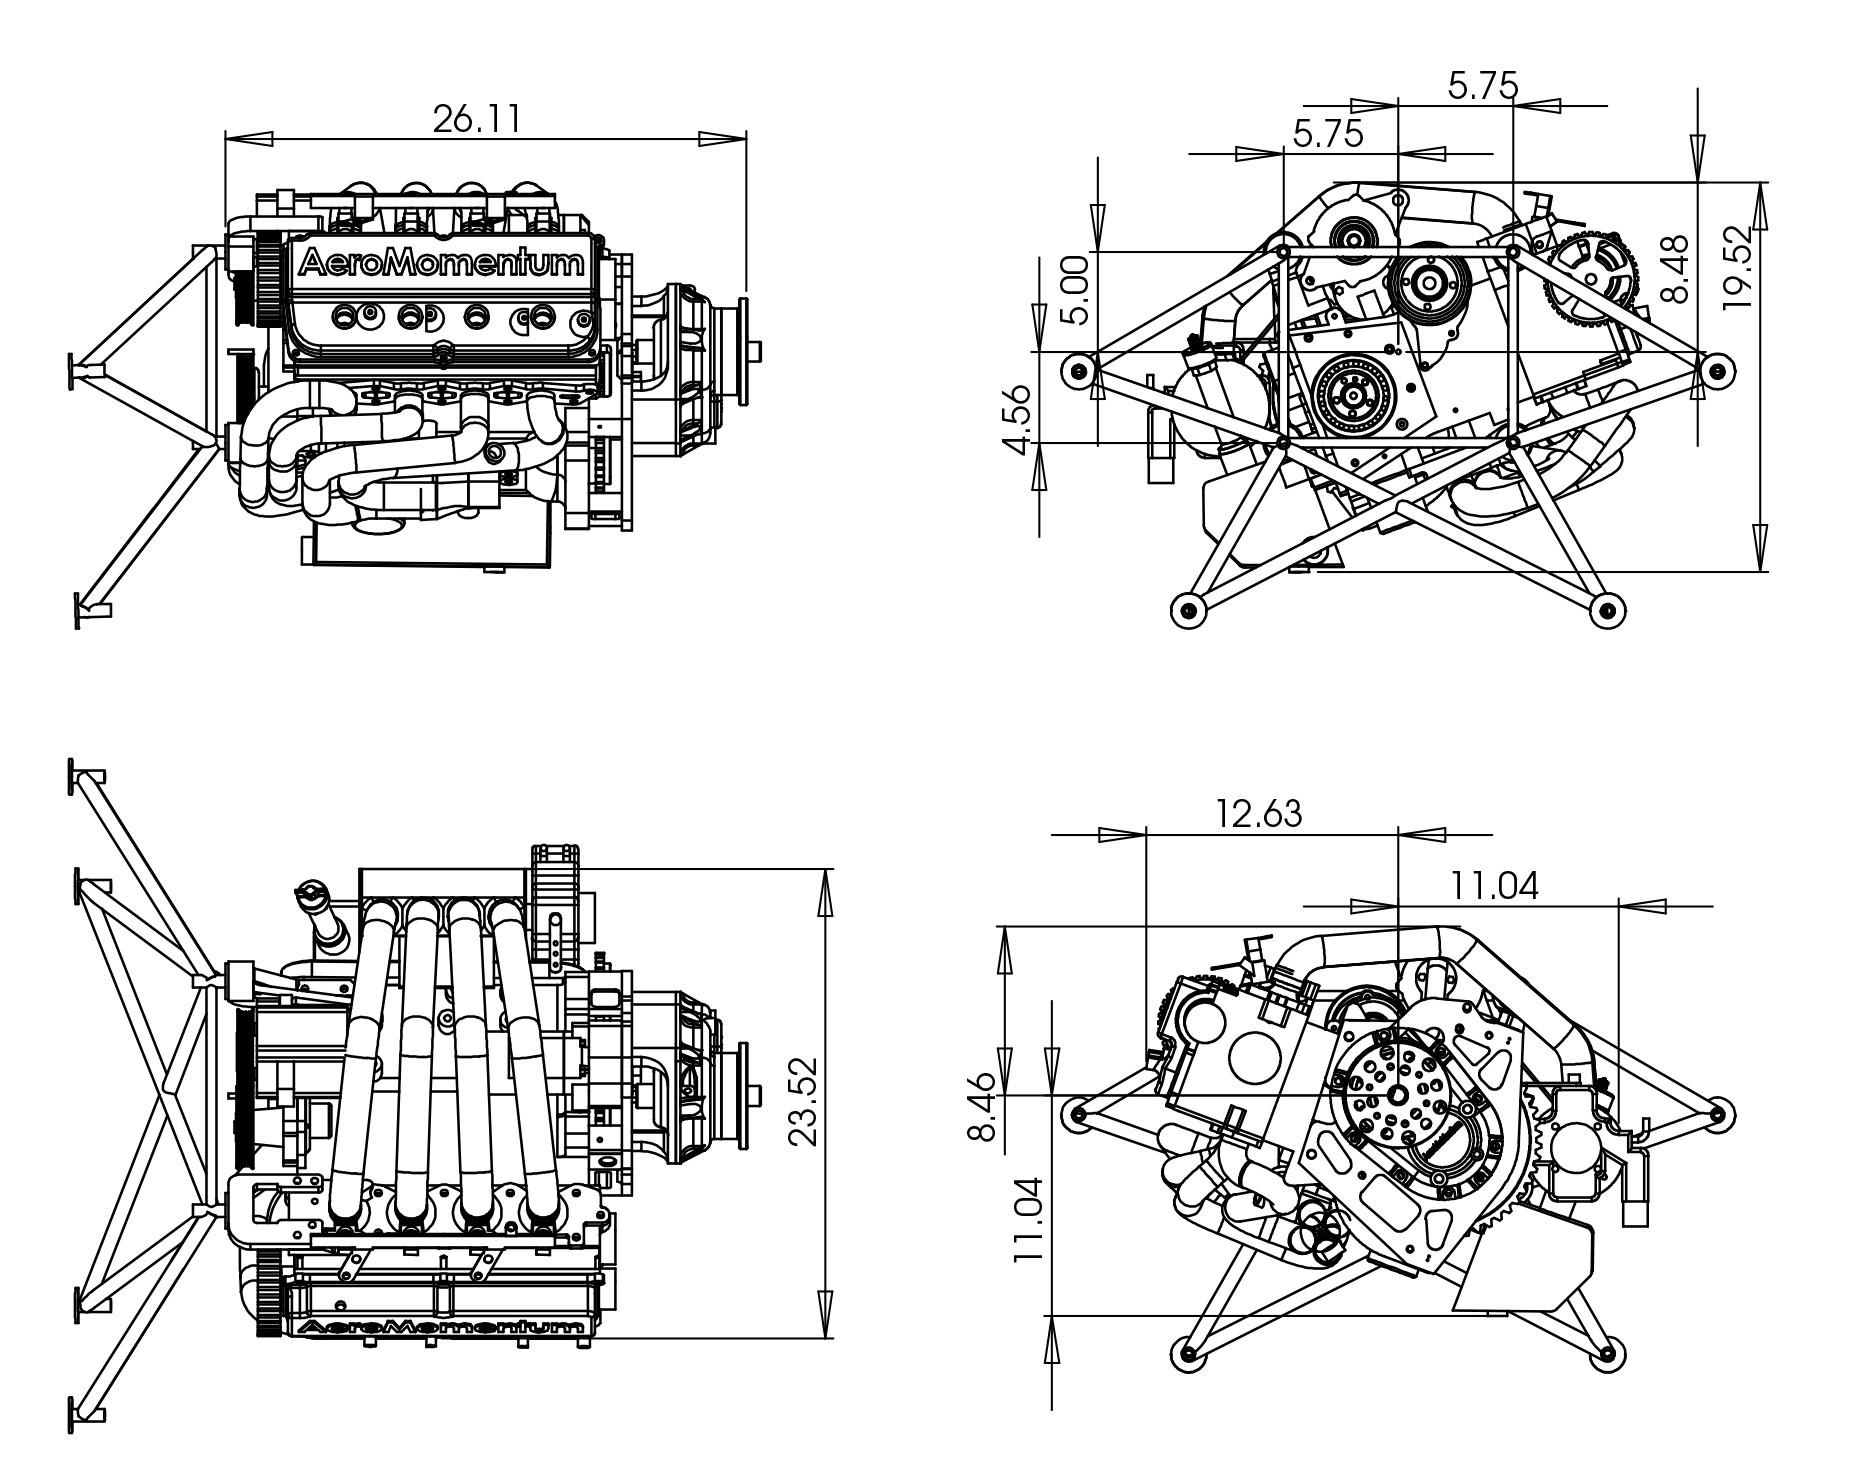 Heat Engine Wiring Diagram